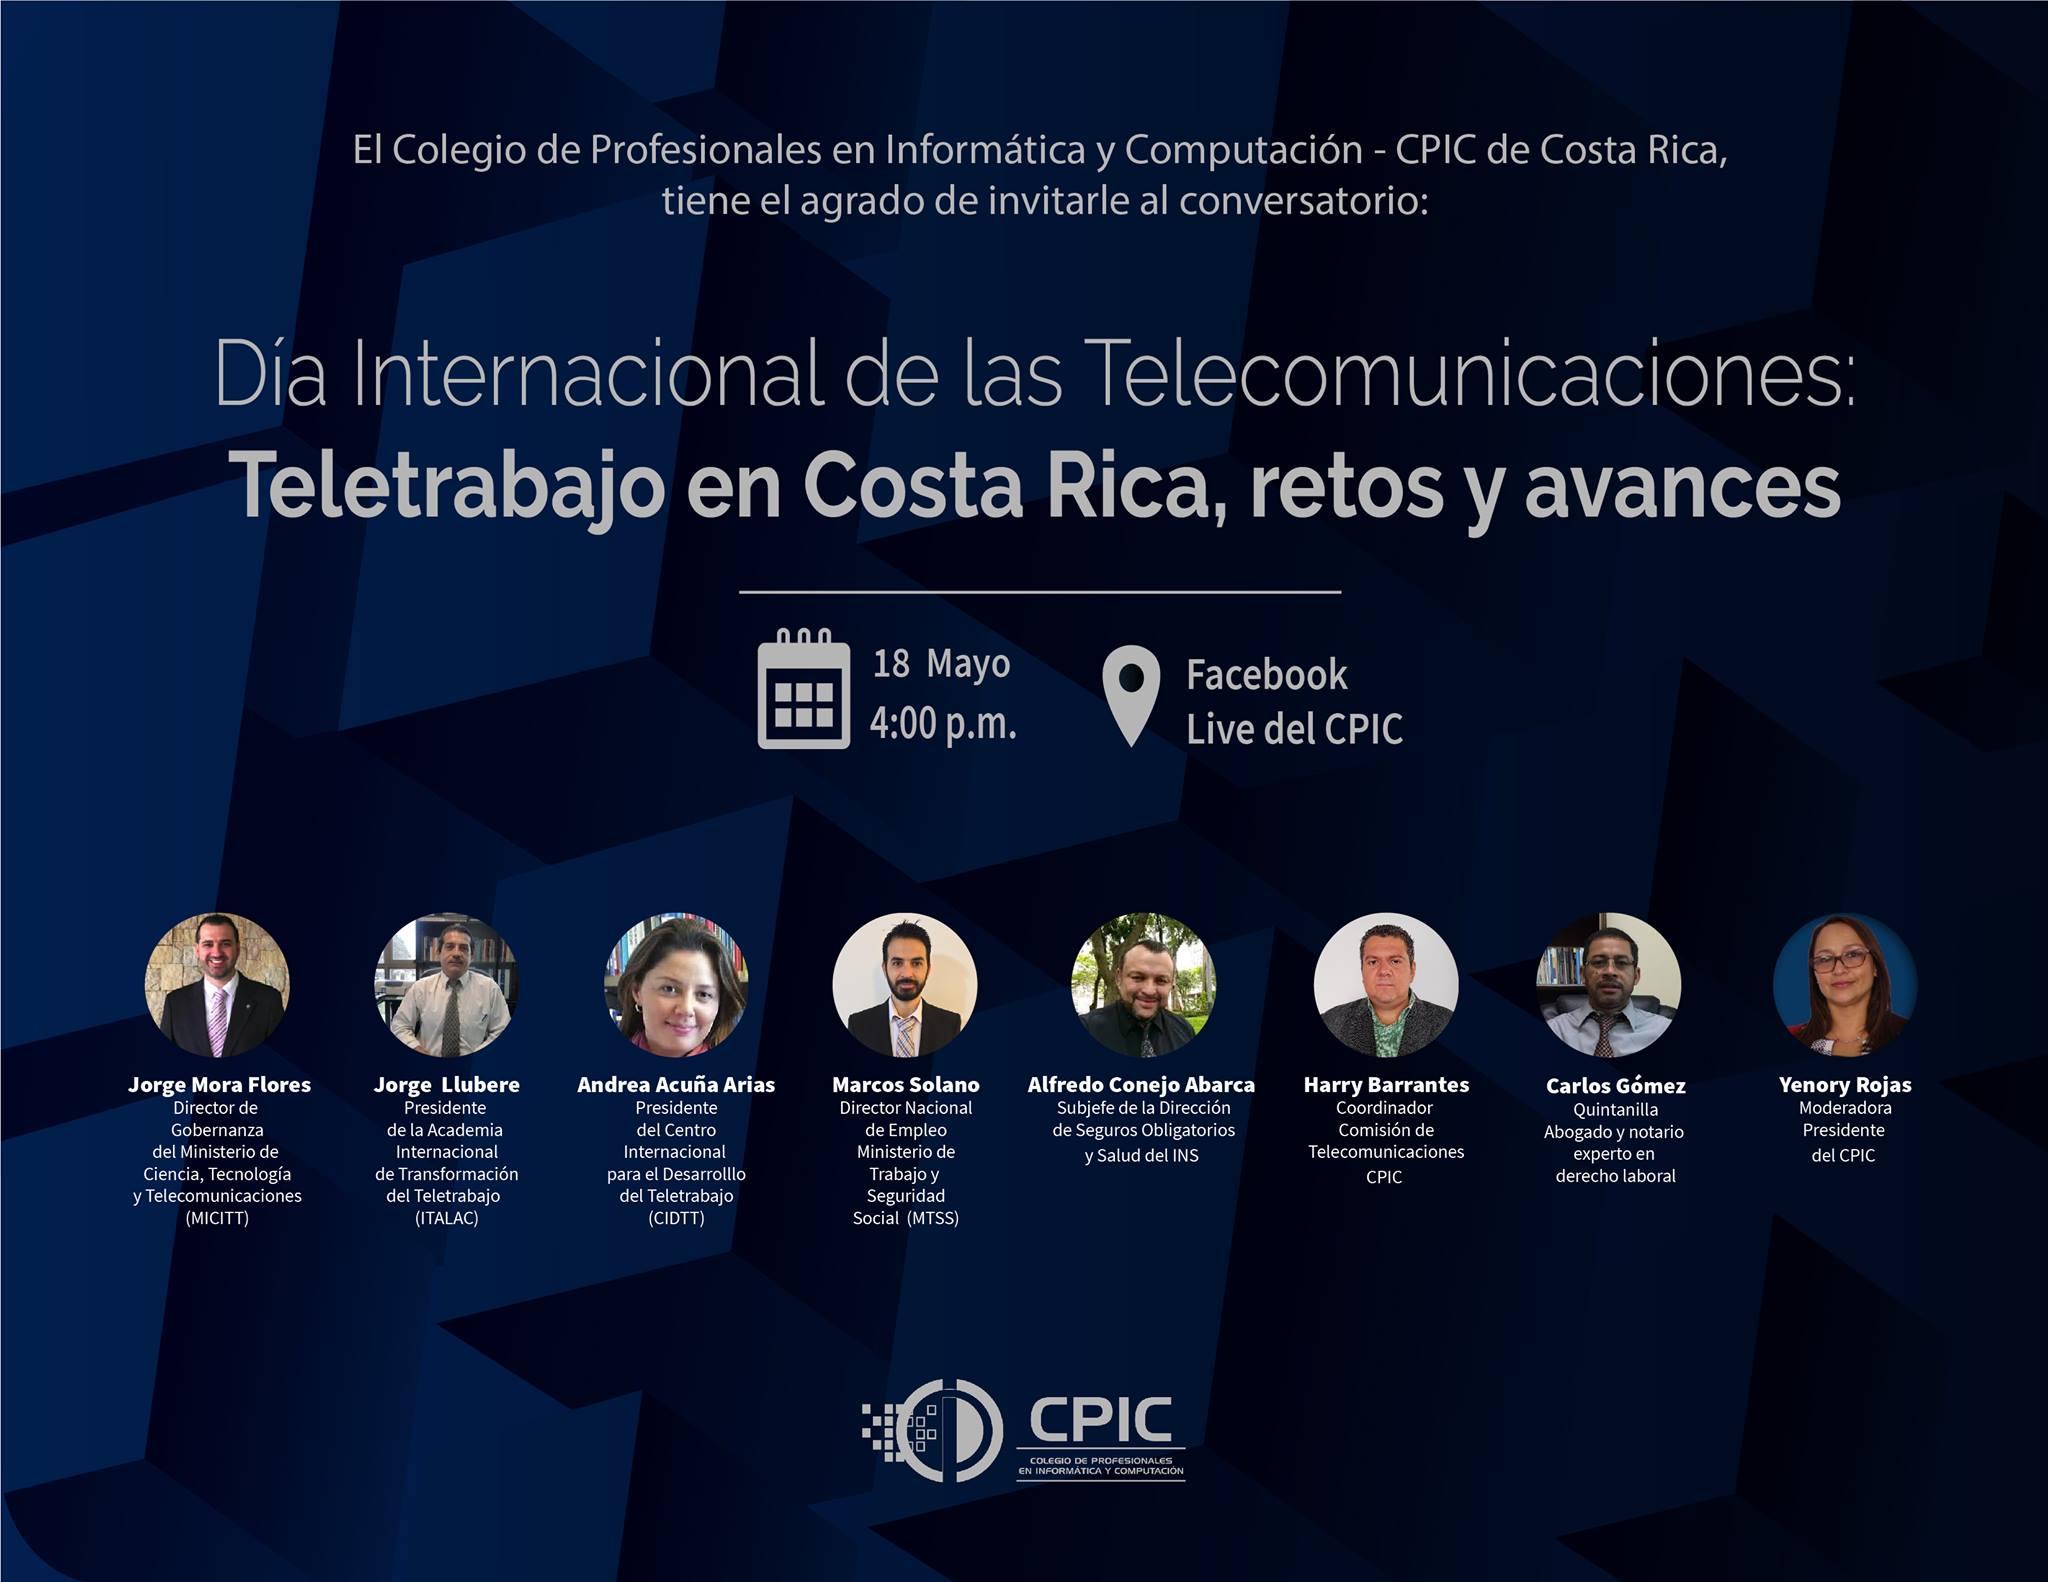 Conversatorio virtual: ¿Cuáles han sido los retos y alcances del teletrabajo ante el Covid19 en Costa Rica?